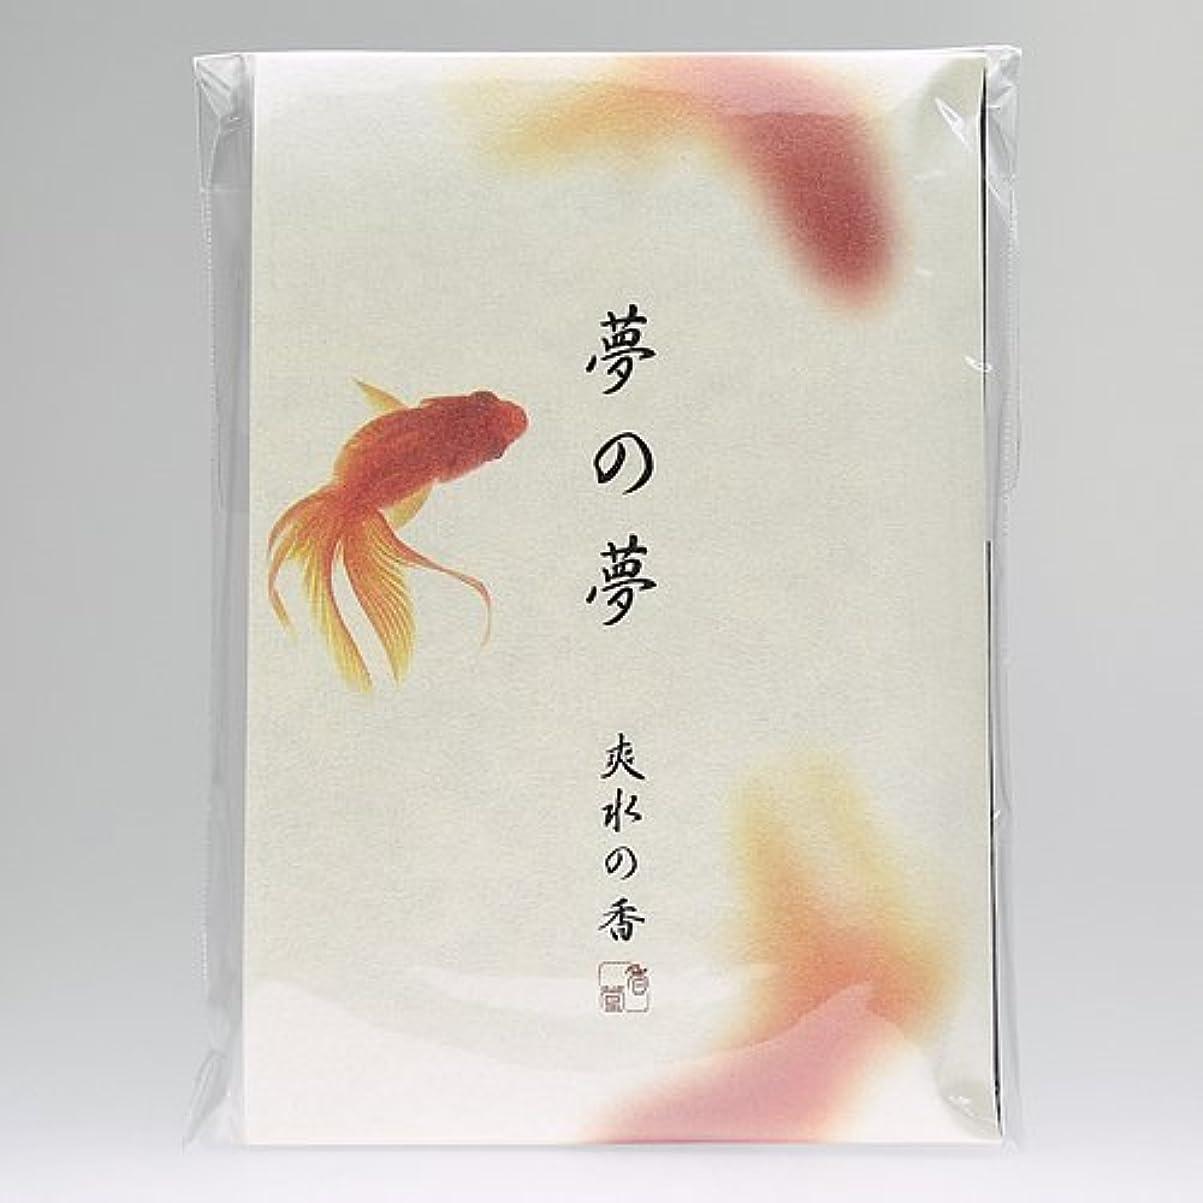 擁するおなじみの振るう夢の夢 爽水の香 (金魚) スティック12本入